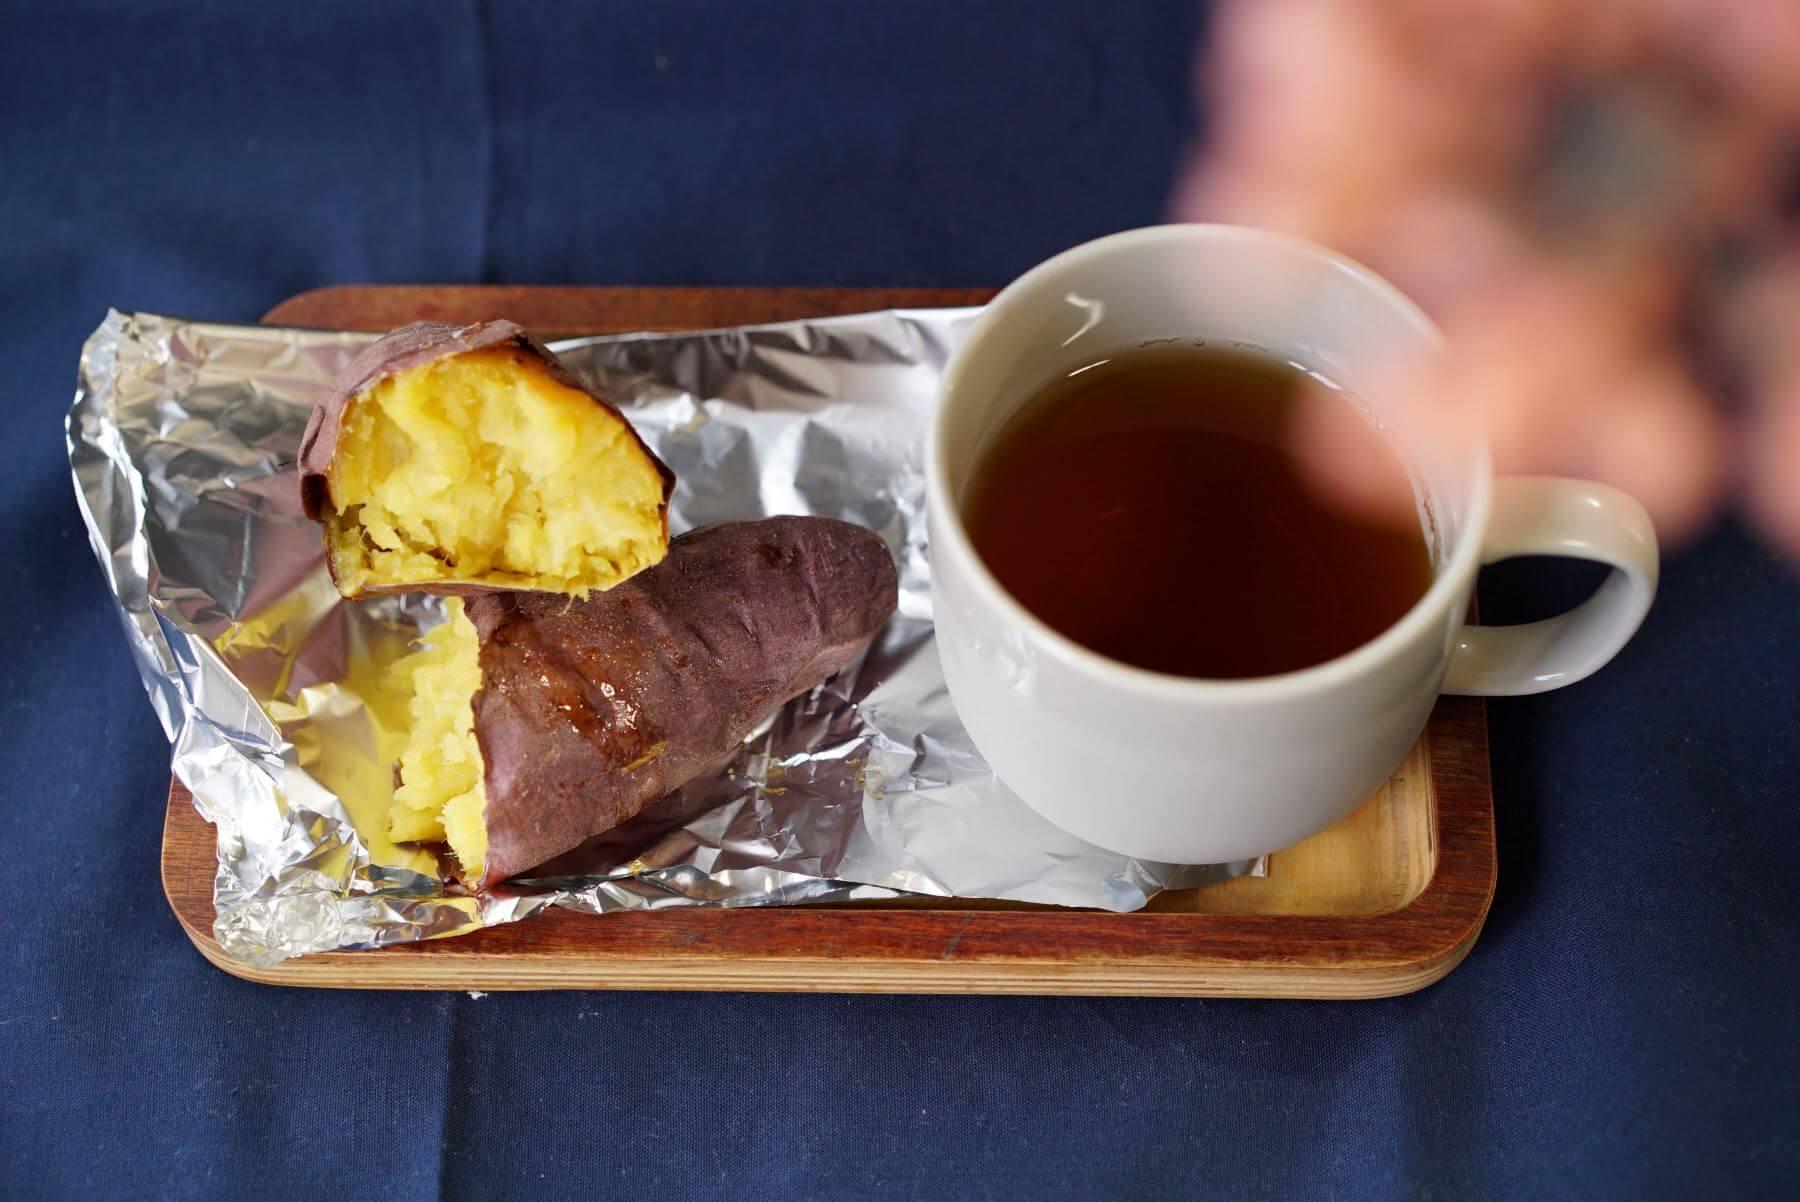 実食!完成した焼き芋を食べ比べ